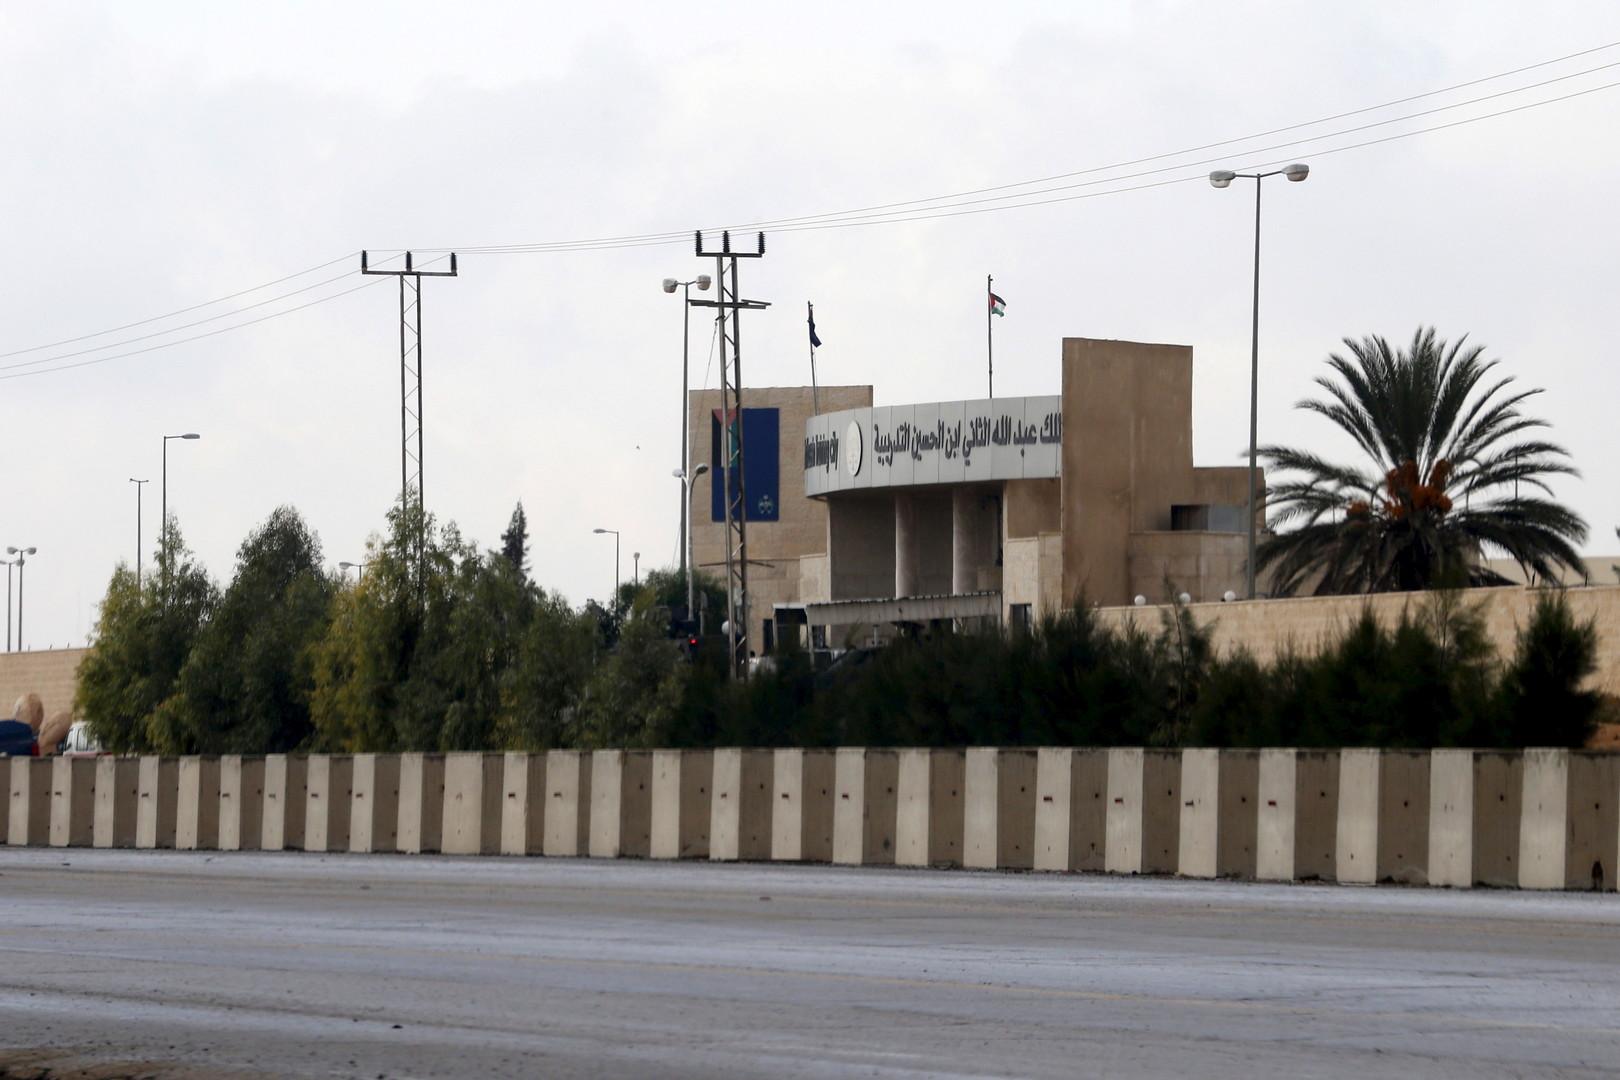 Le camp d'entraînement attaqué en novembre 2015 à Amman en Jordanie